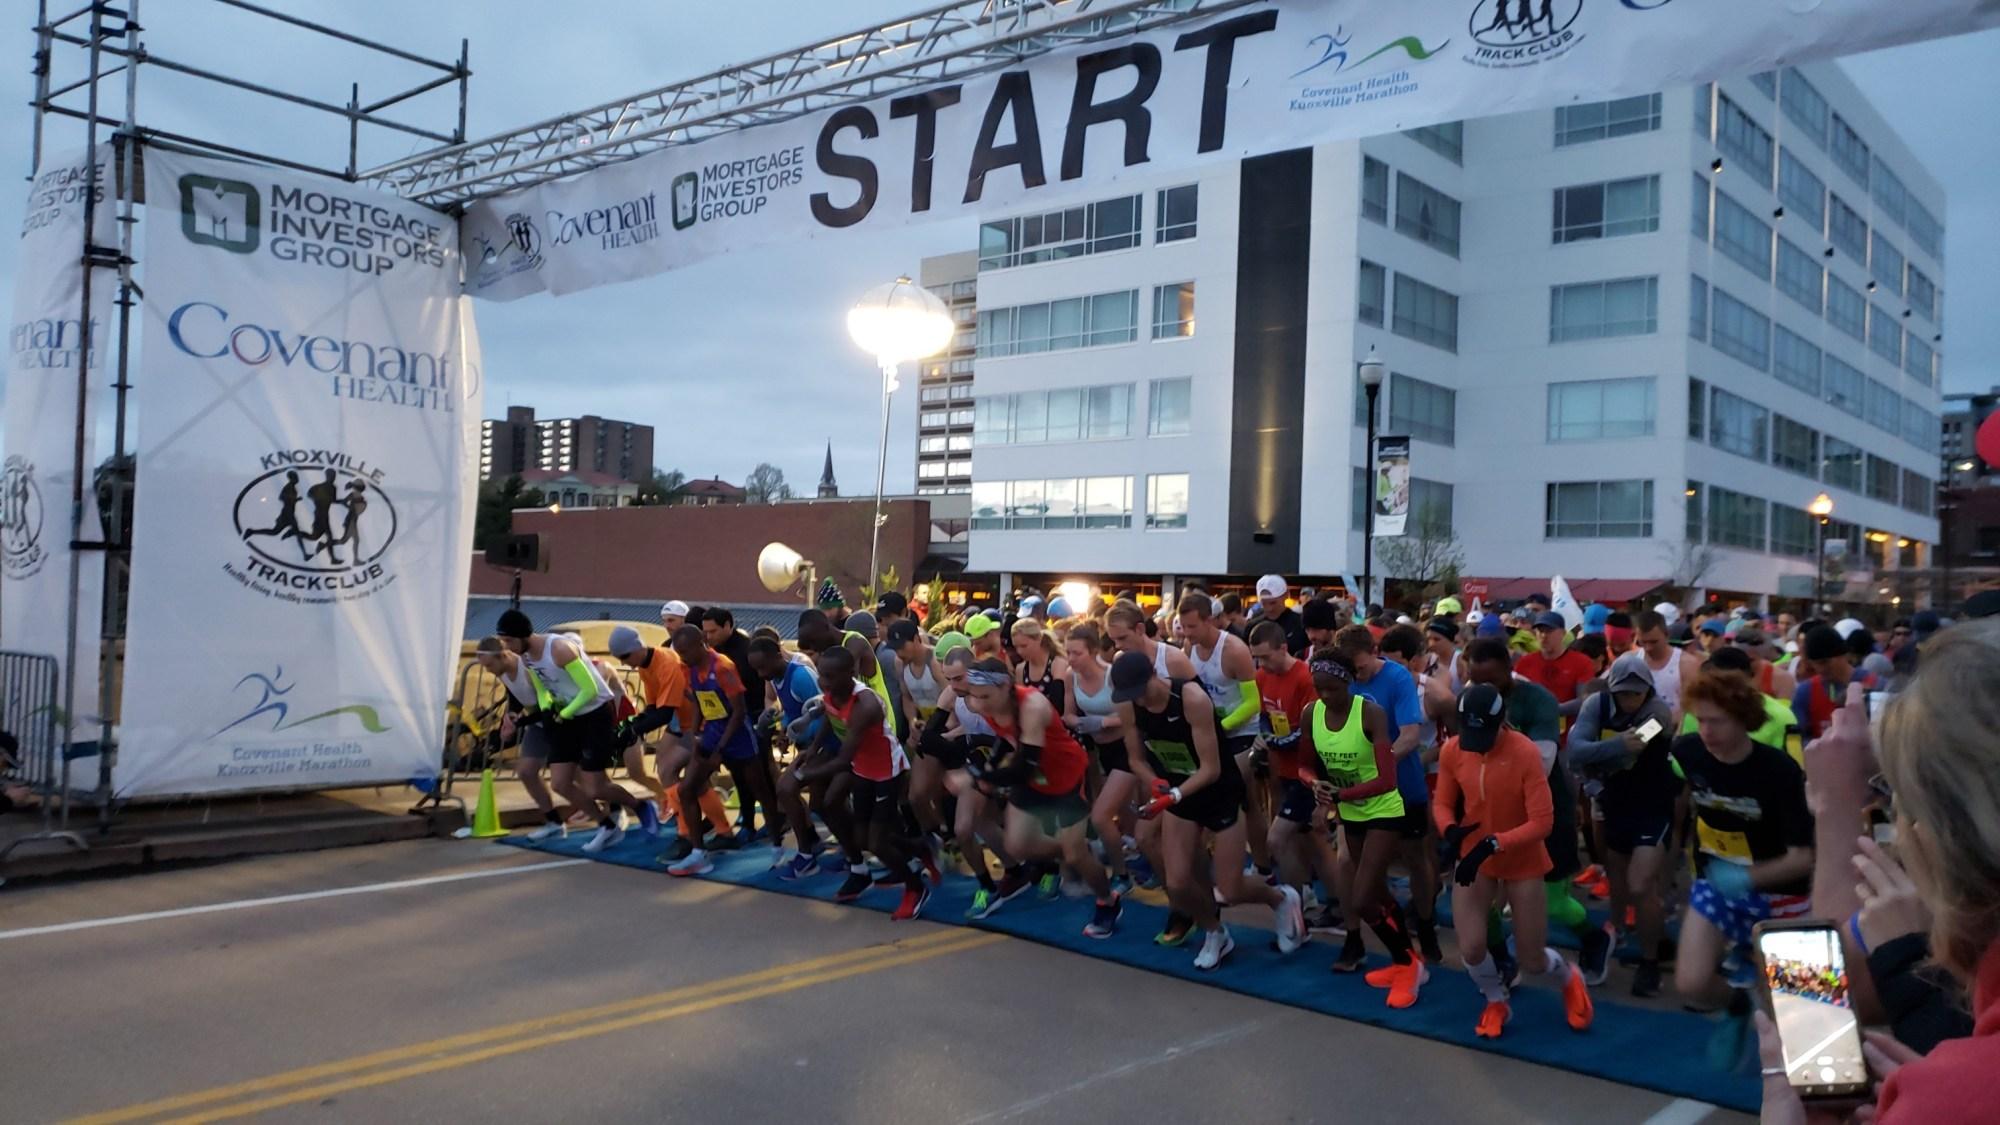 2019-03-31 Covenant Health Knoxville Marathon - start line_1554065587211.jpg.jpg